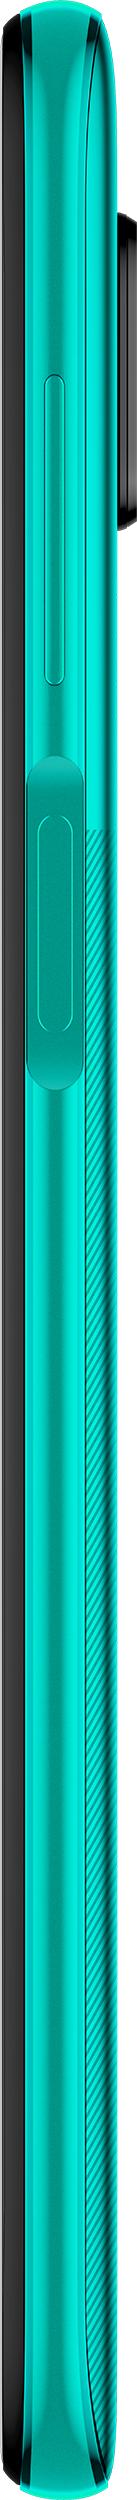 Smartphone Redmi Note 9 Pro - Global - 6+128GB - Verde